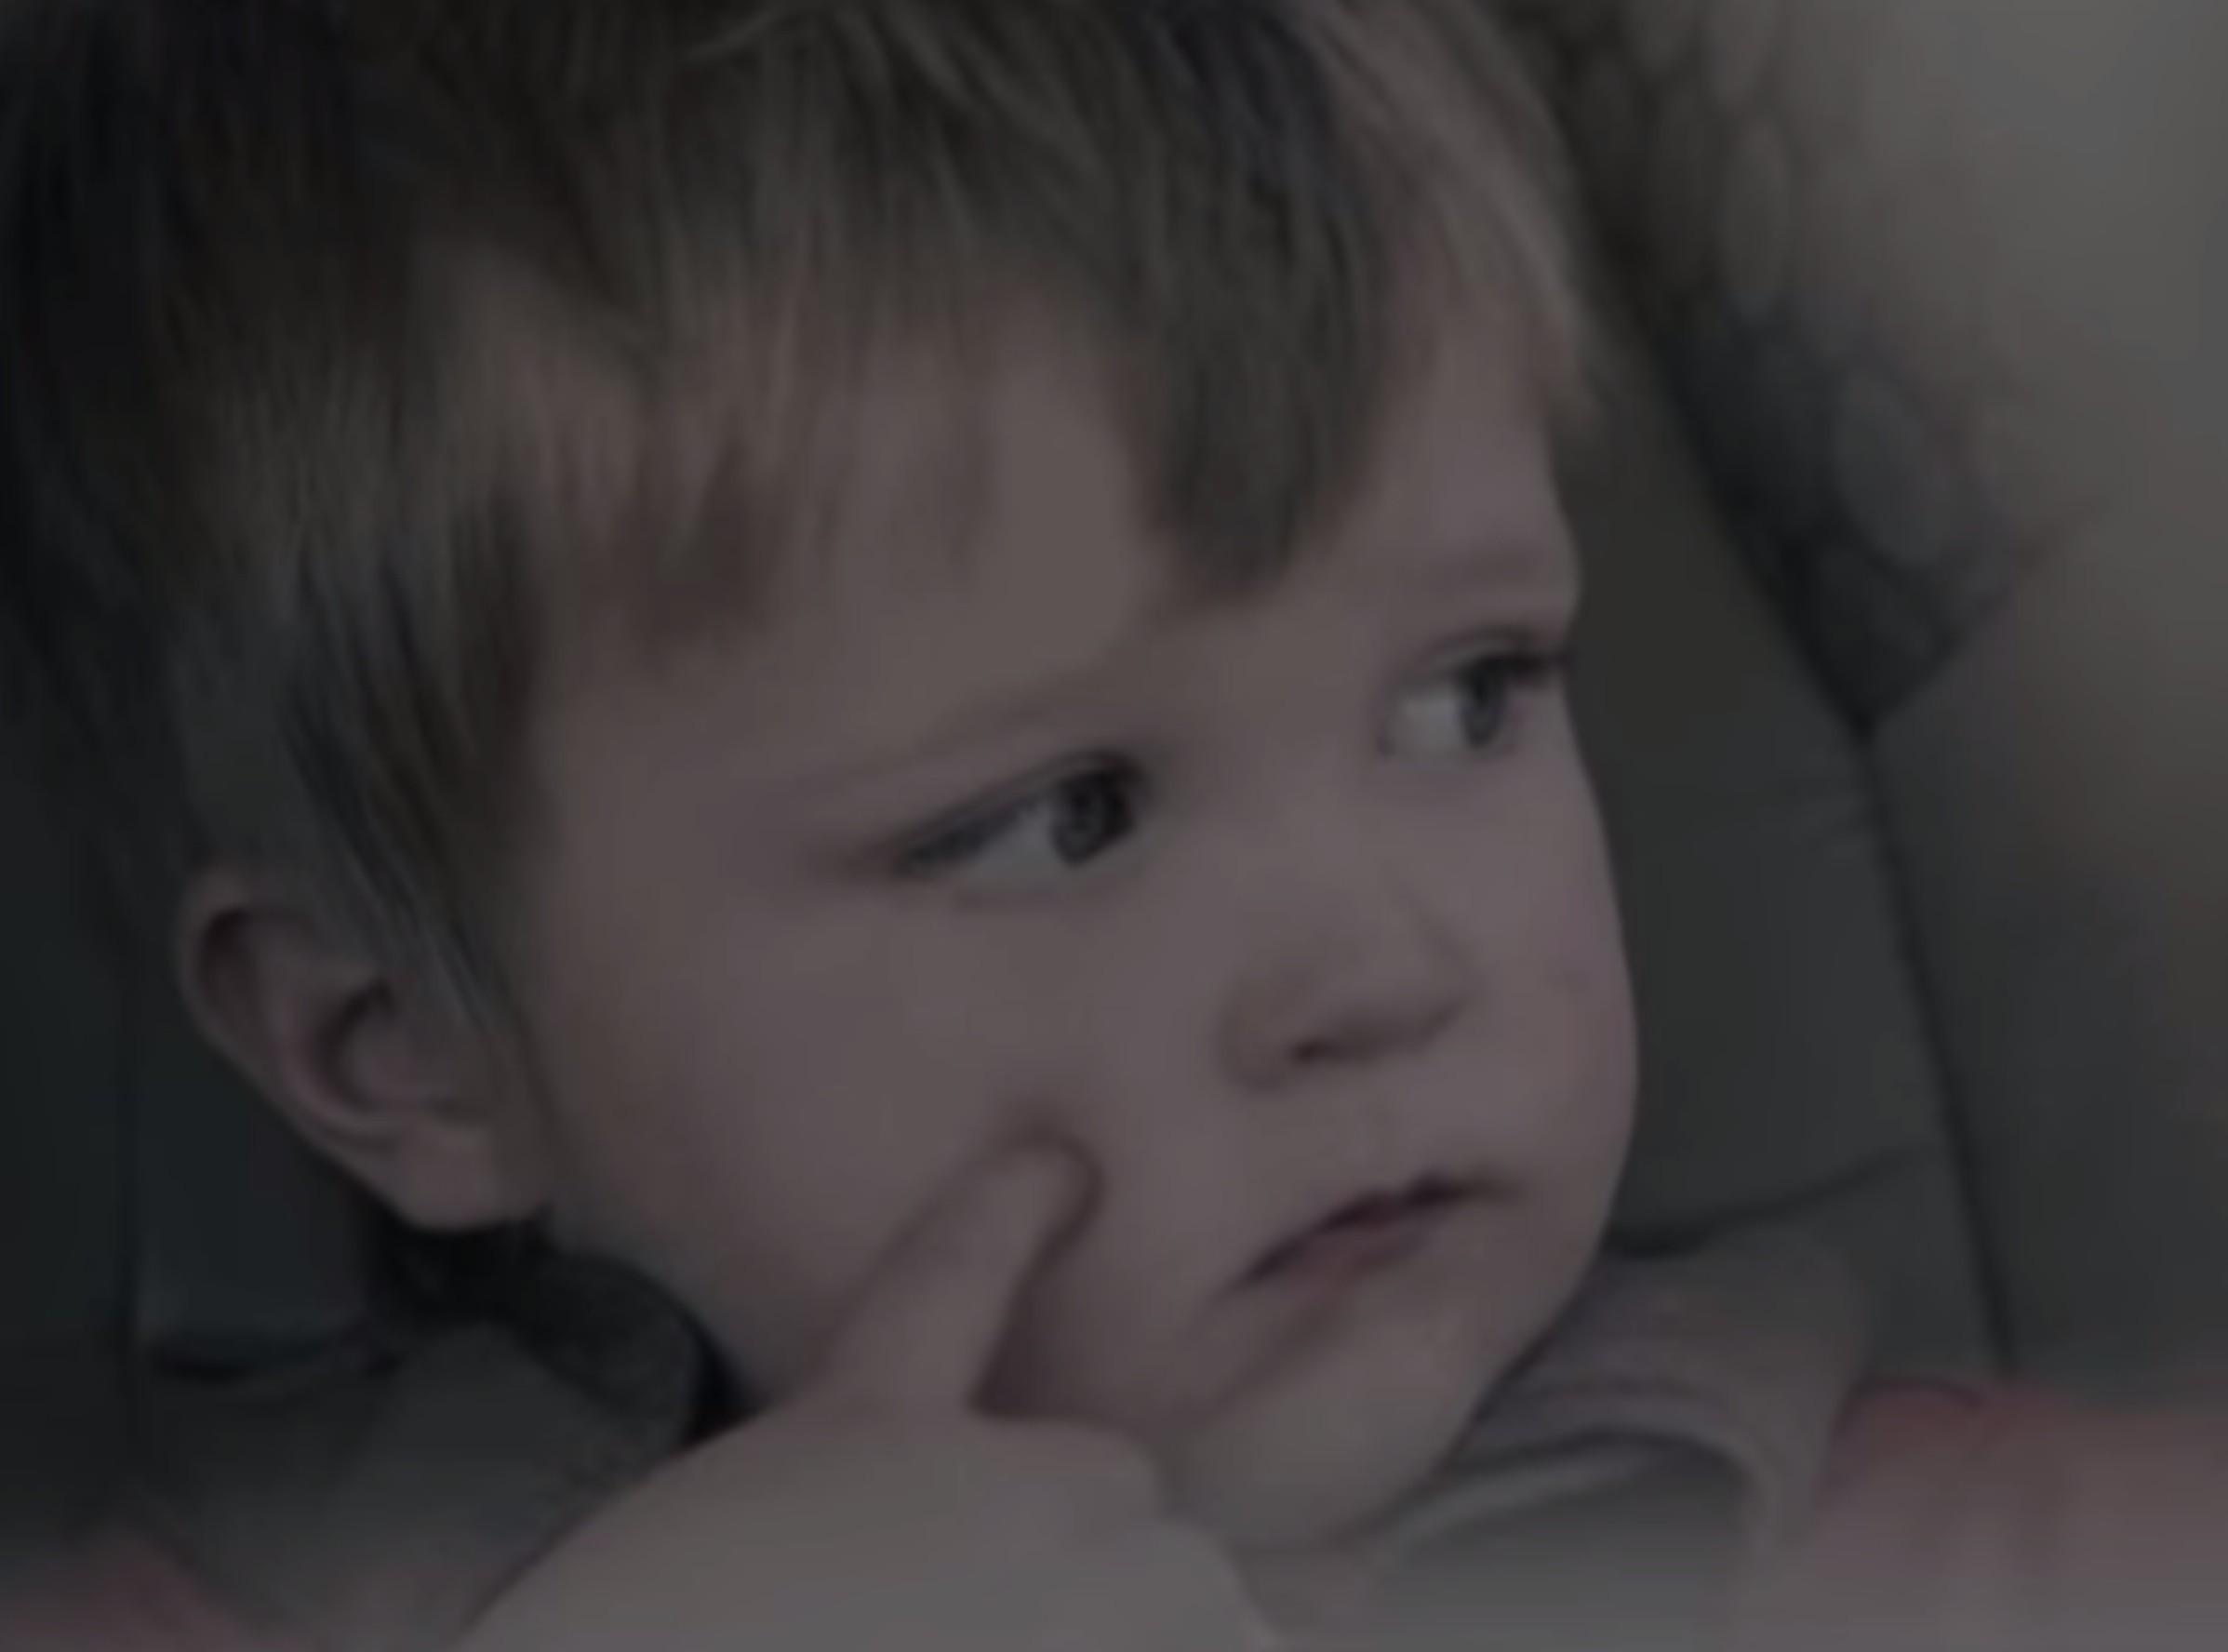 criança esquecida no carro